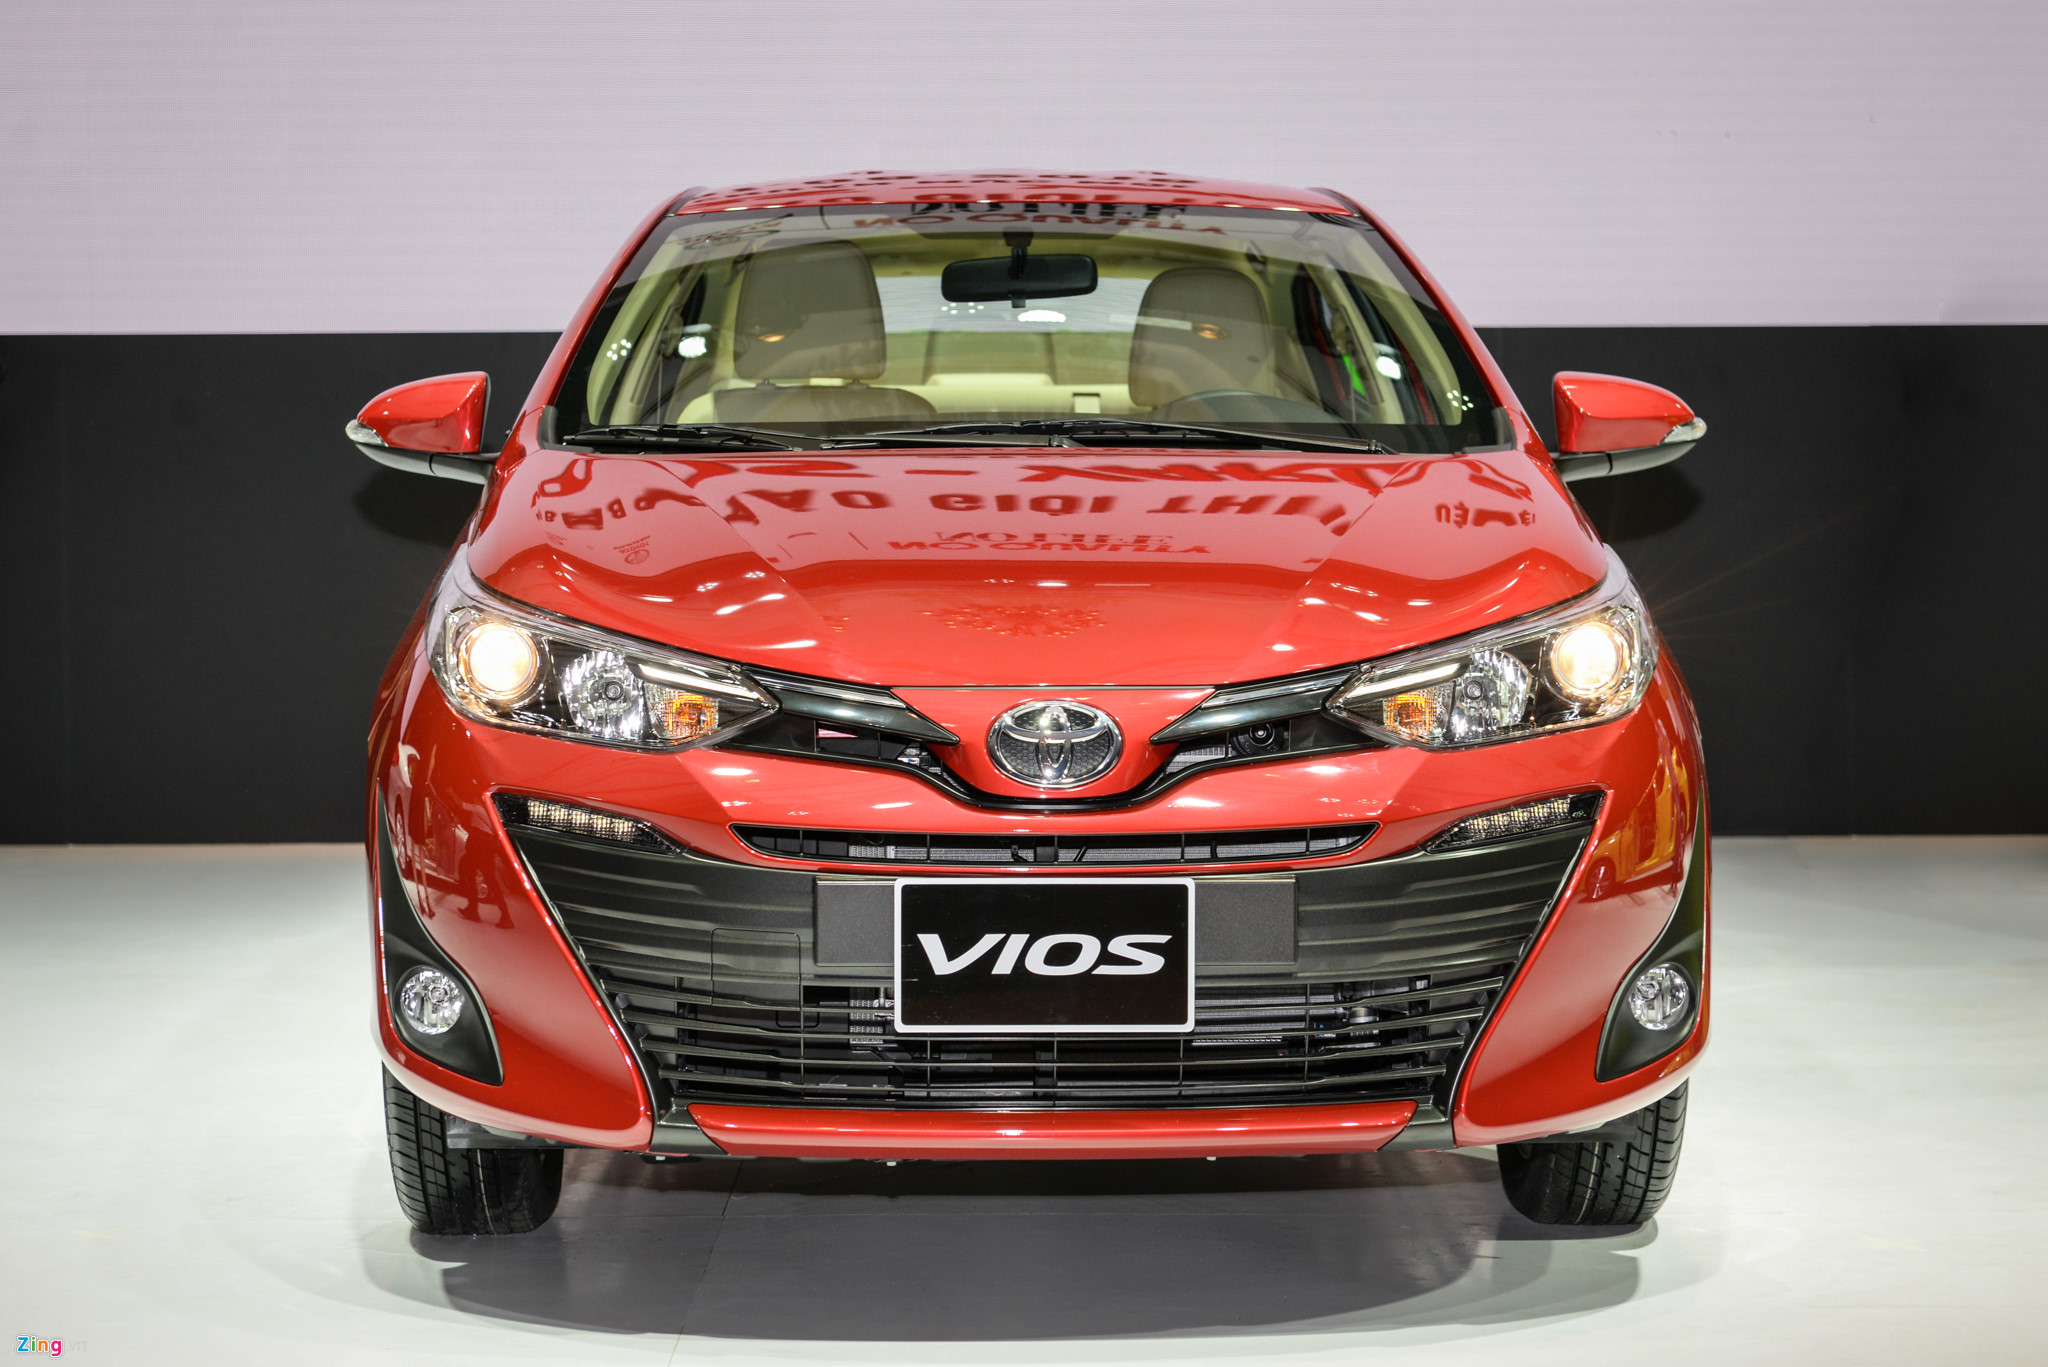 3 điểm mạnh của Toyota Vios khiến người Việt 'chết mê chết mệt'